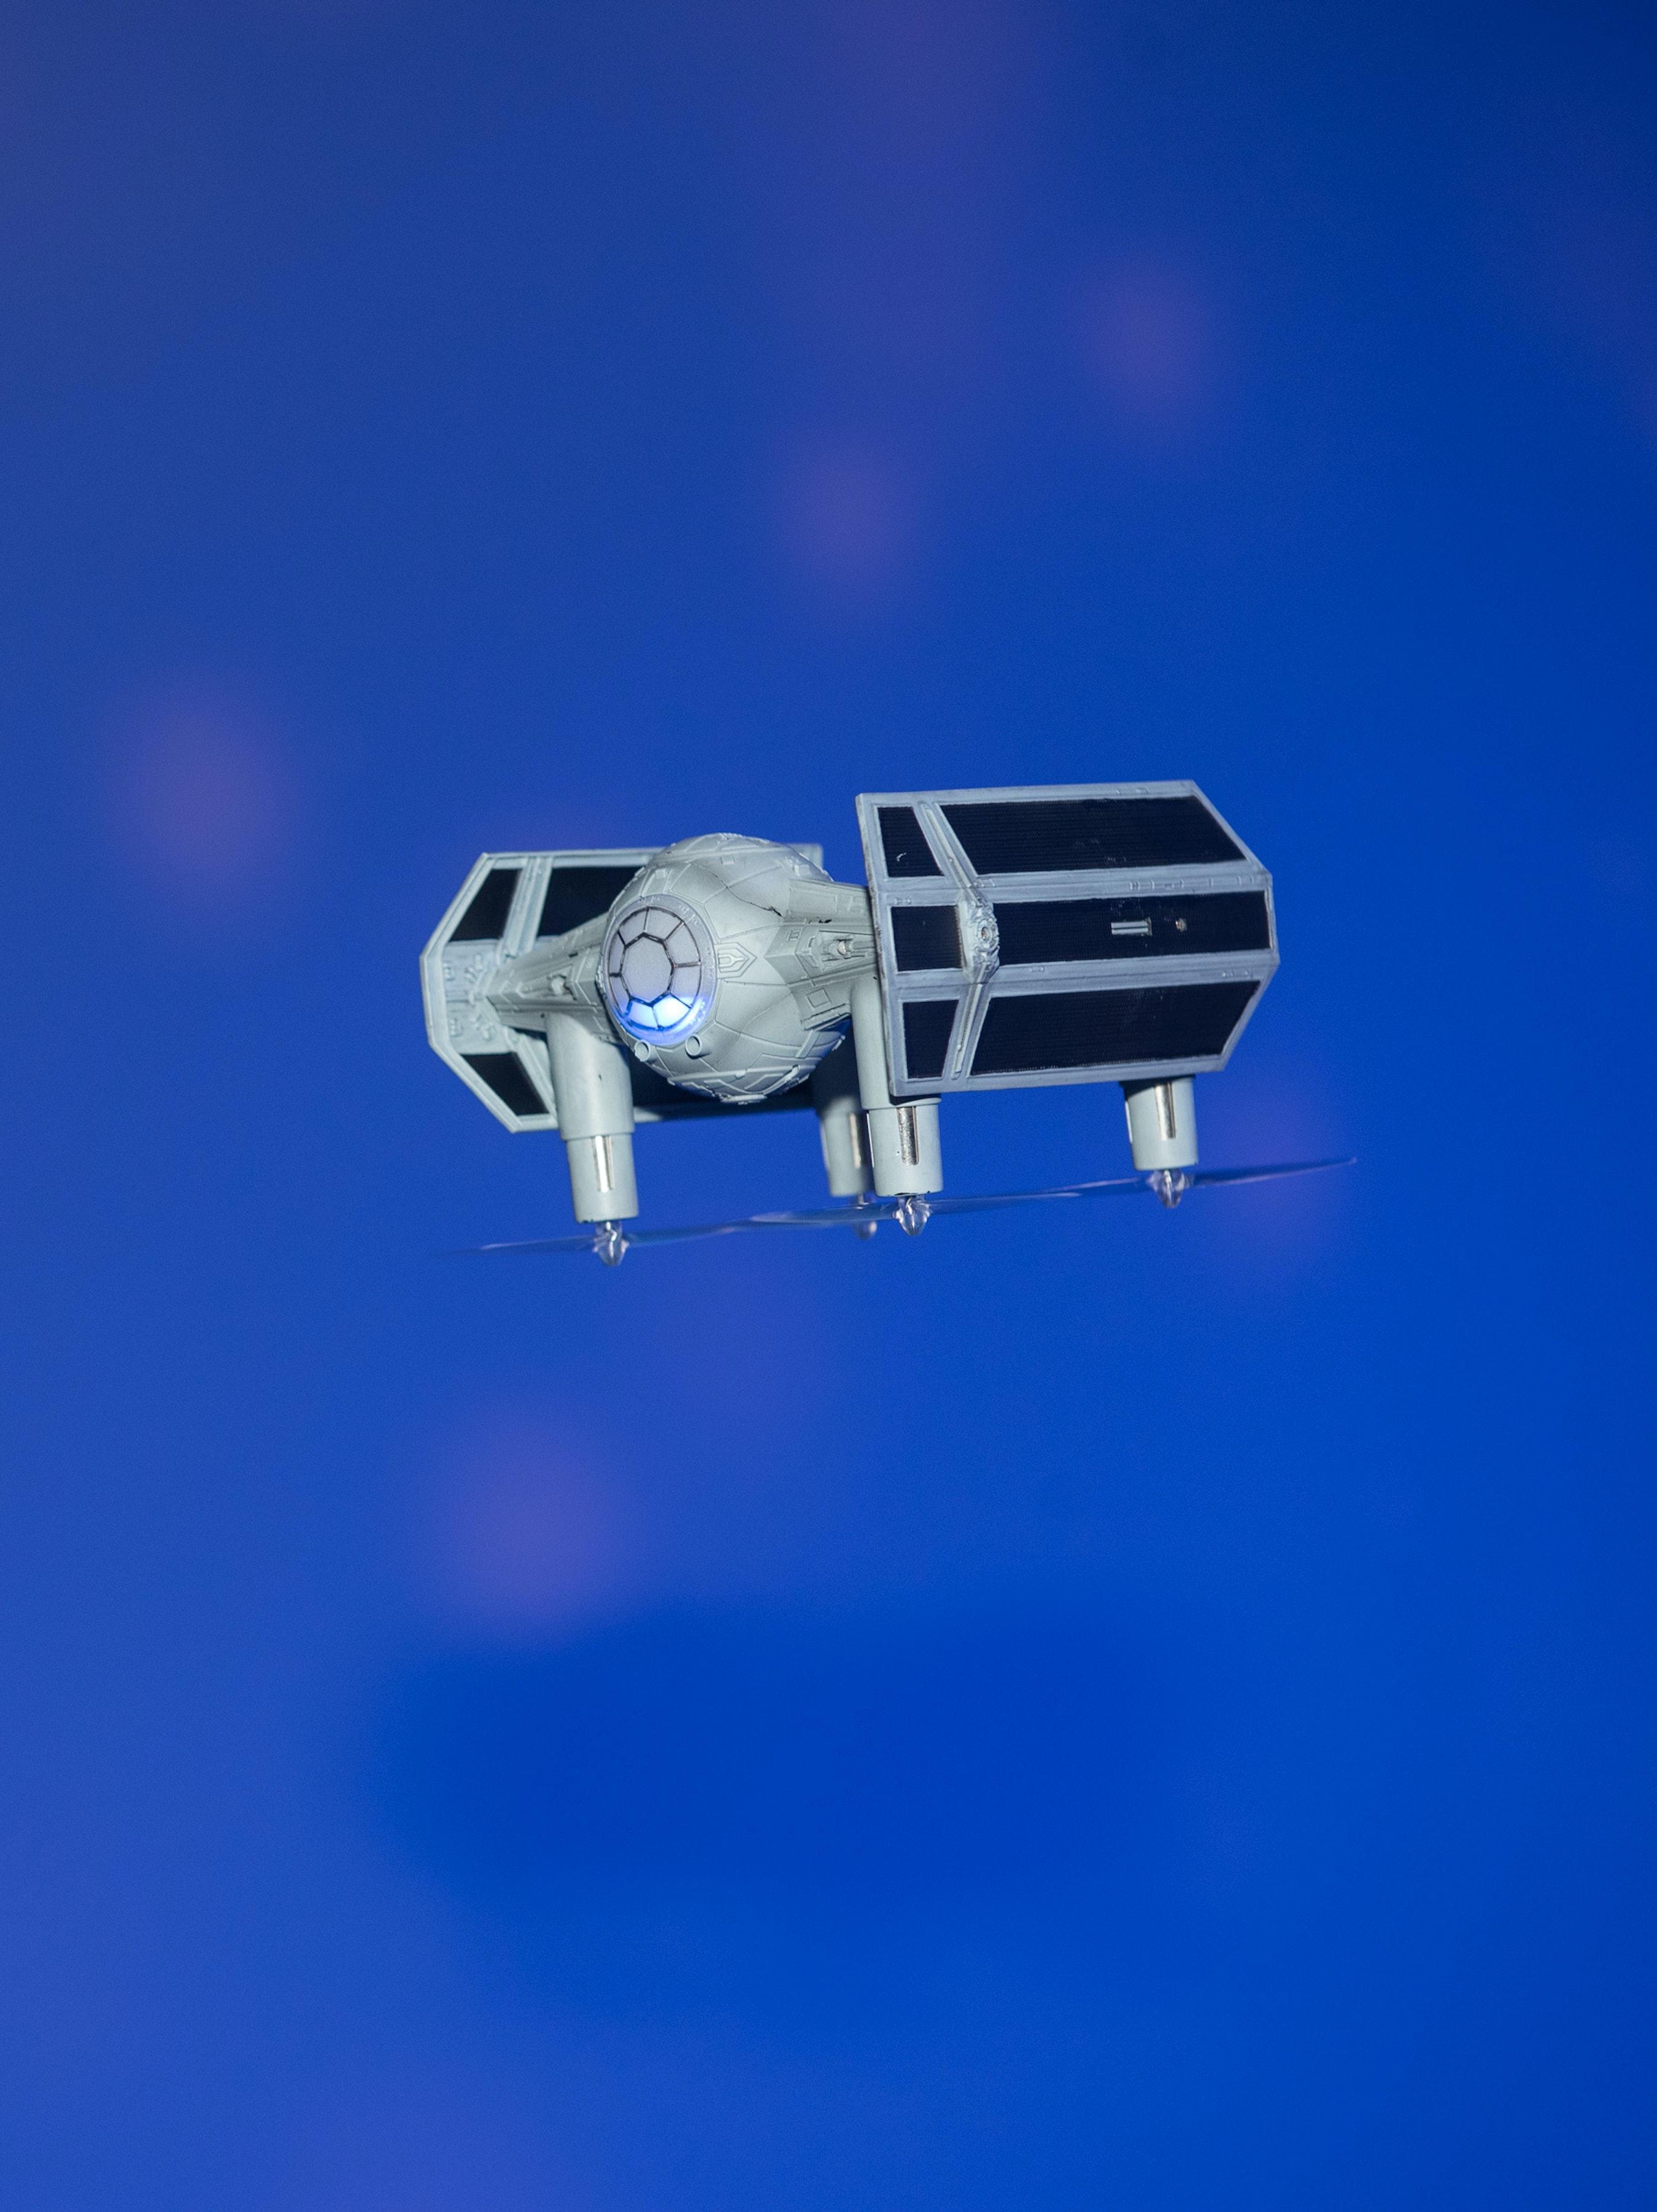 Star Wars drone - TIE Fighter Propel